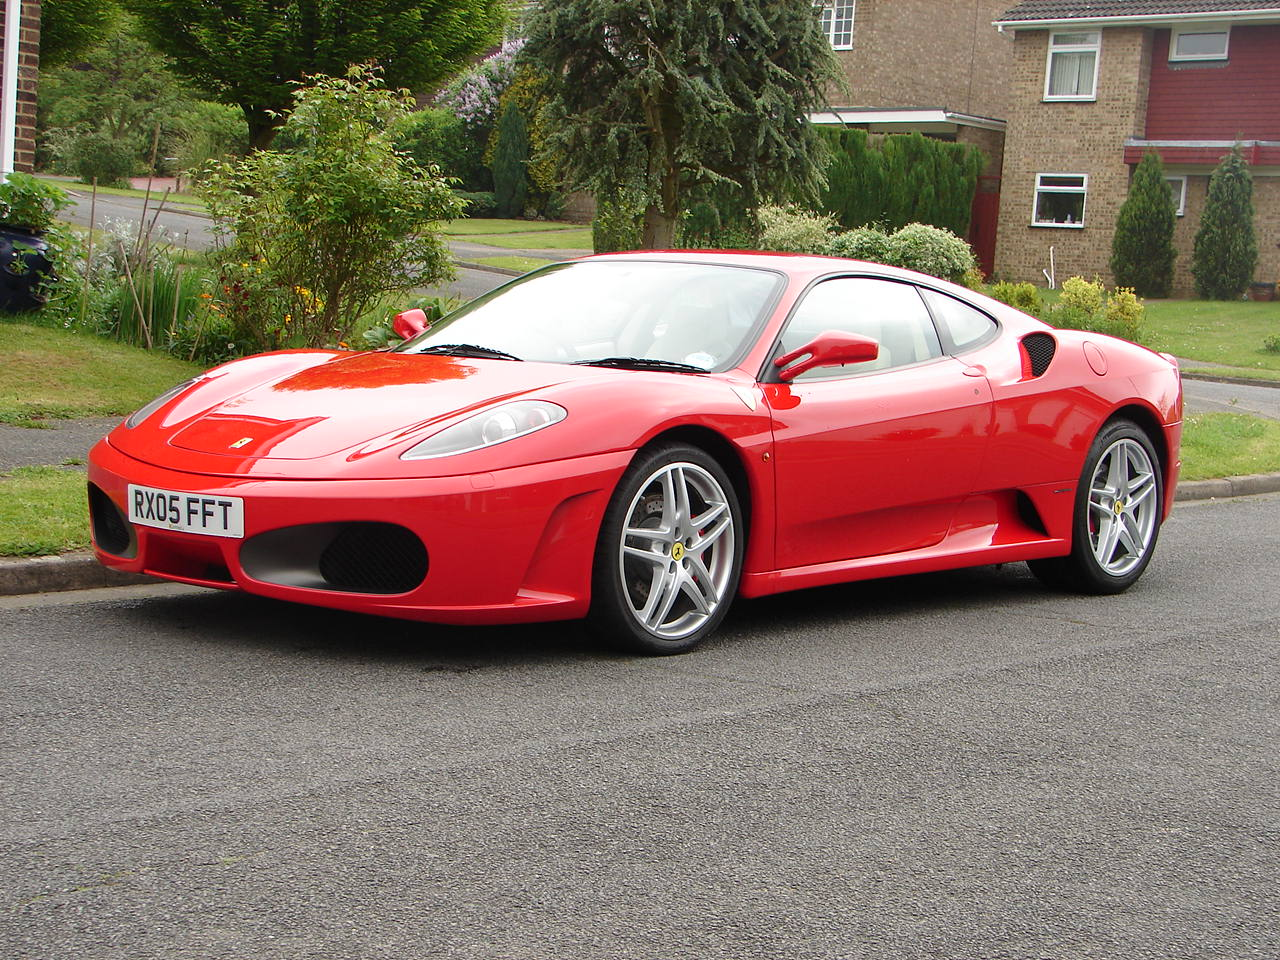 [09/05] Ferrari F430 B_1_q_0_p_0.jpg?u=http%3A%2F%2Fstatic.cargurus.com%2Fimages%2Fsite%2F2008%2F04%2F24%2F12%2F43%2F2005_ferrari_f430-pic-29336